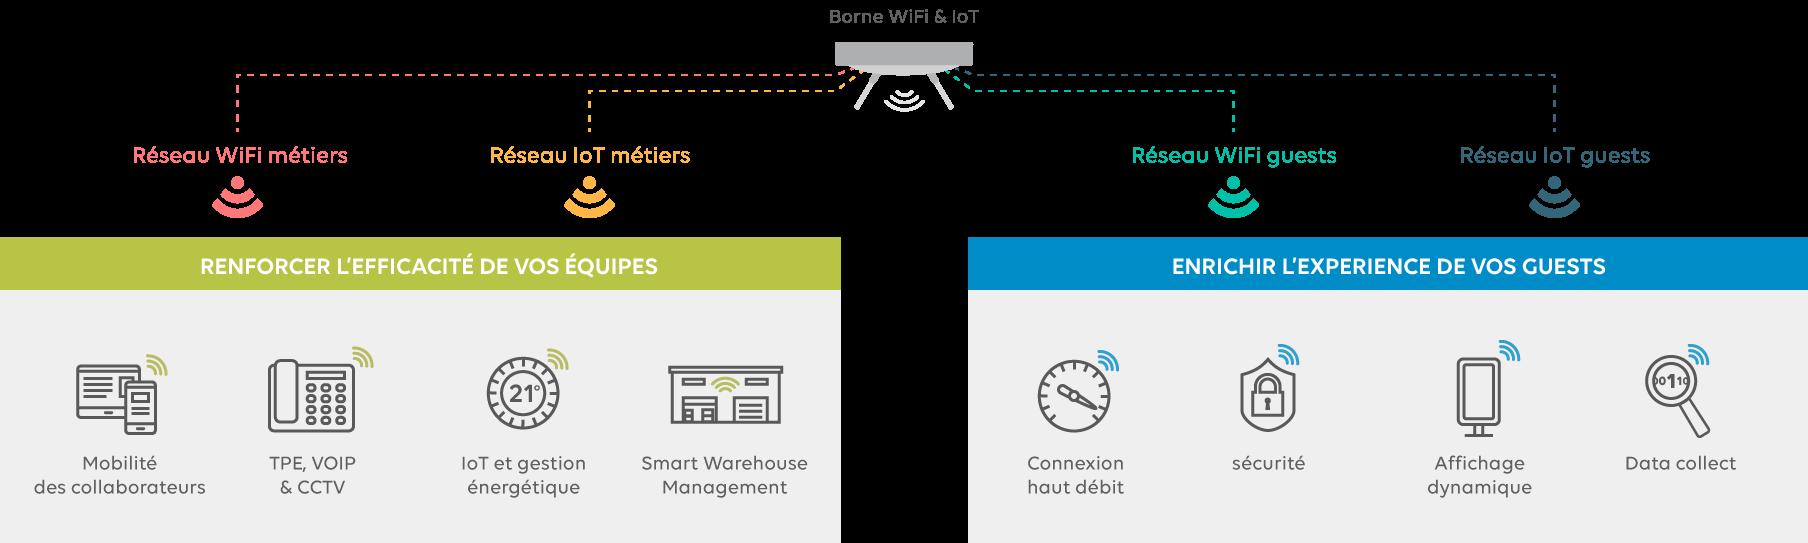 infra-mutualisée-wifi-IoT-bureau-1